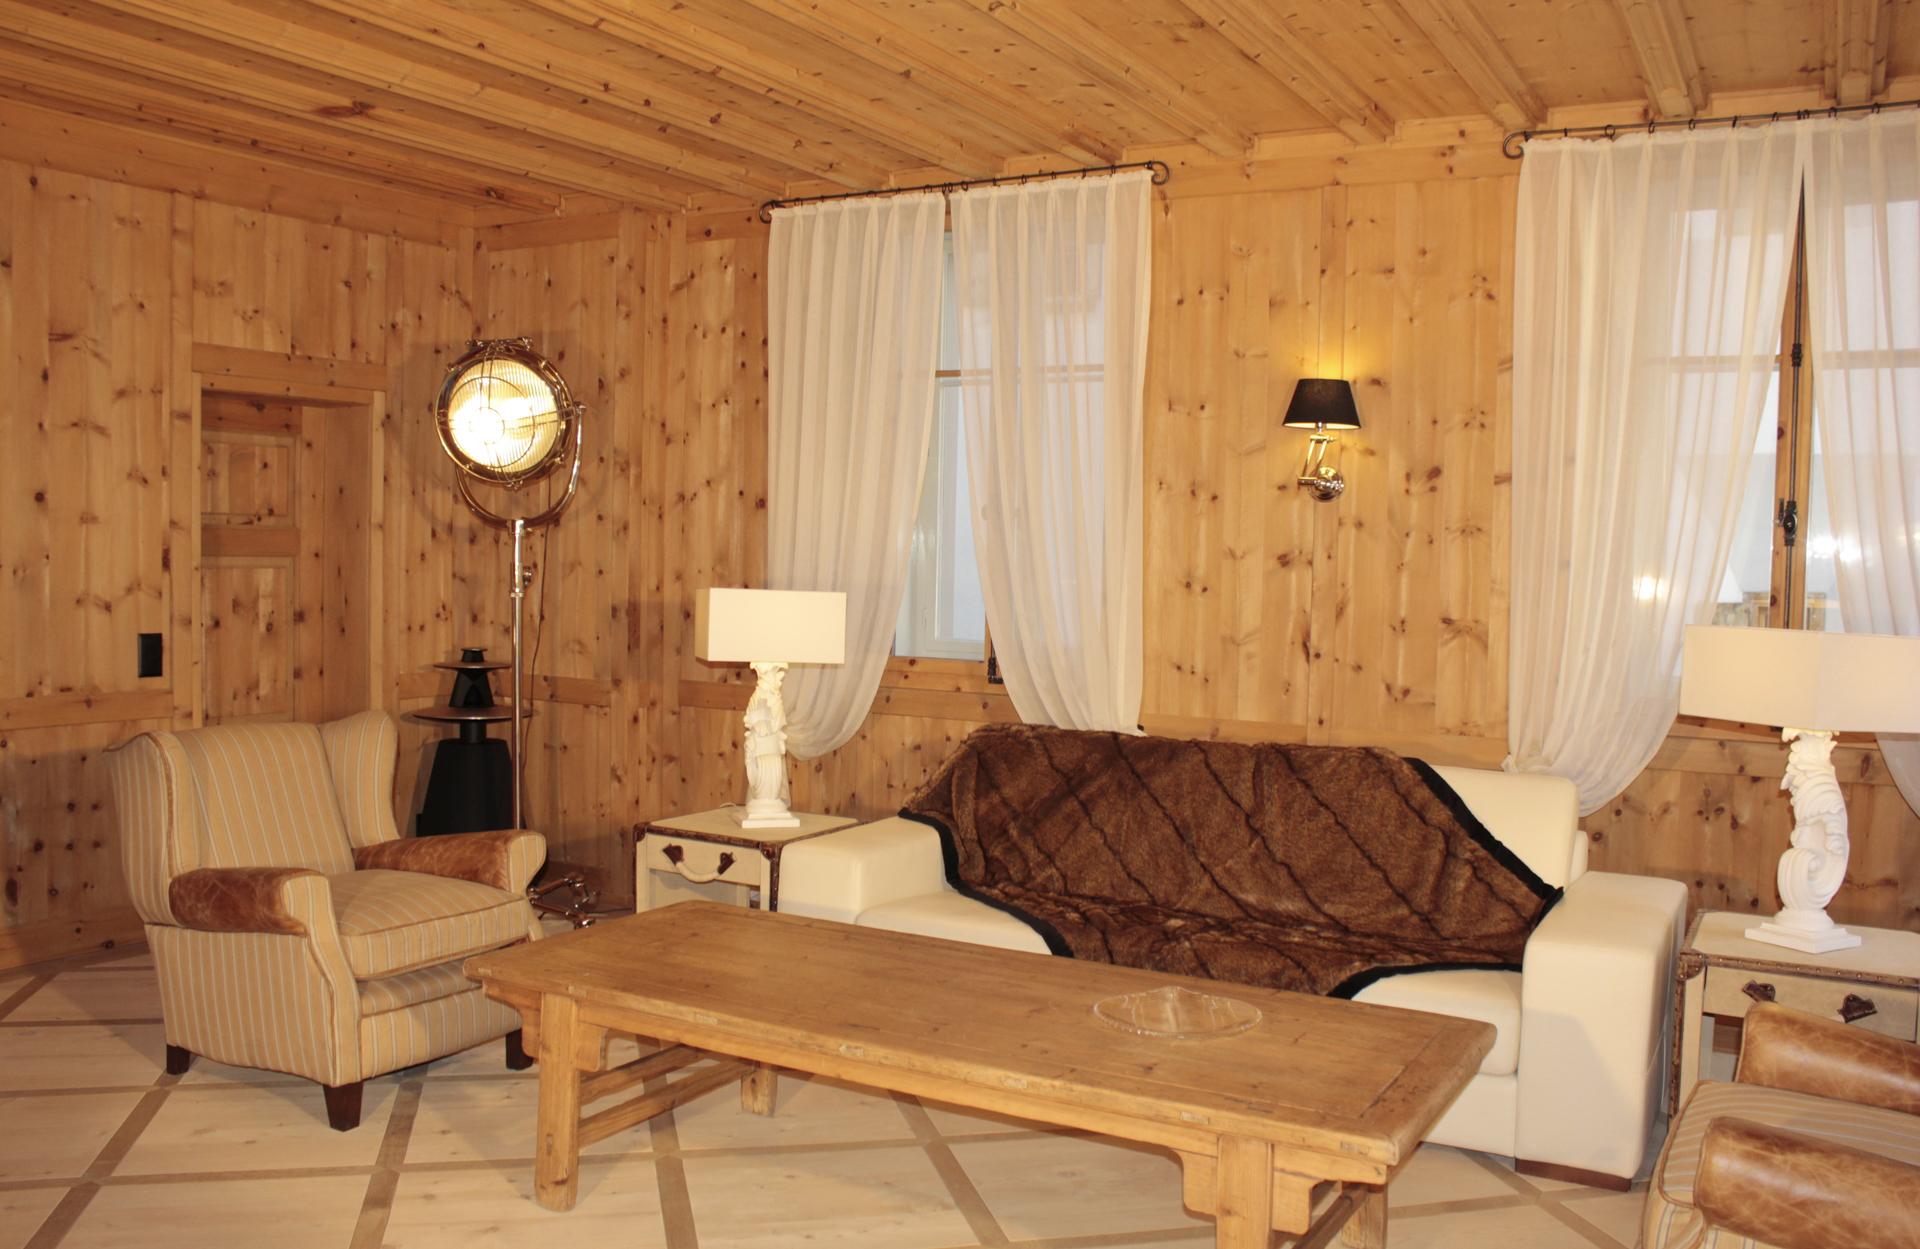 tischlerei-decker-wohnung-schweiz-wohnbereich